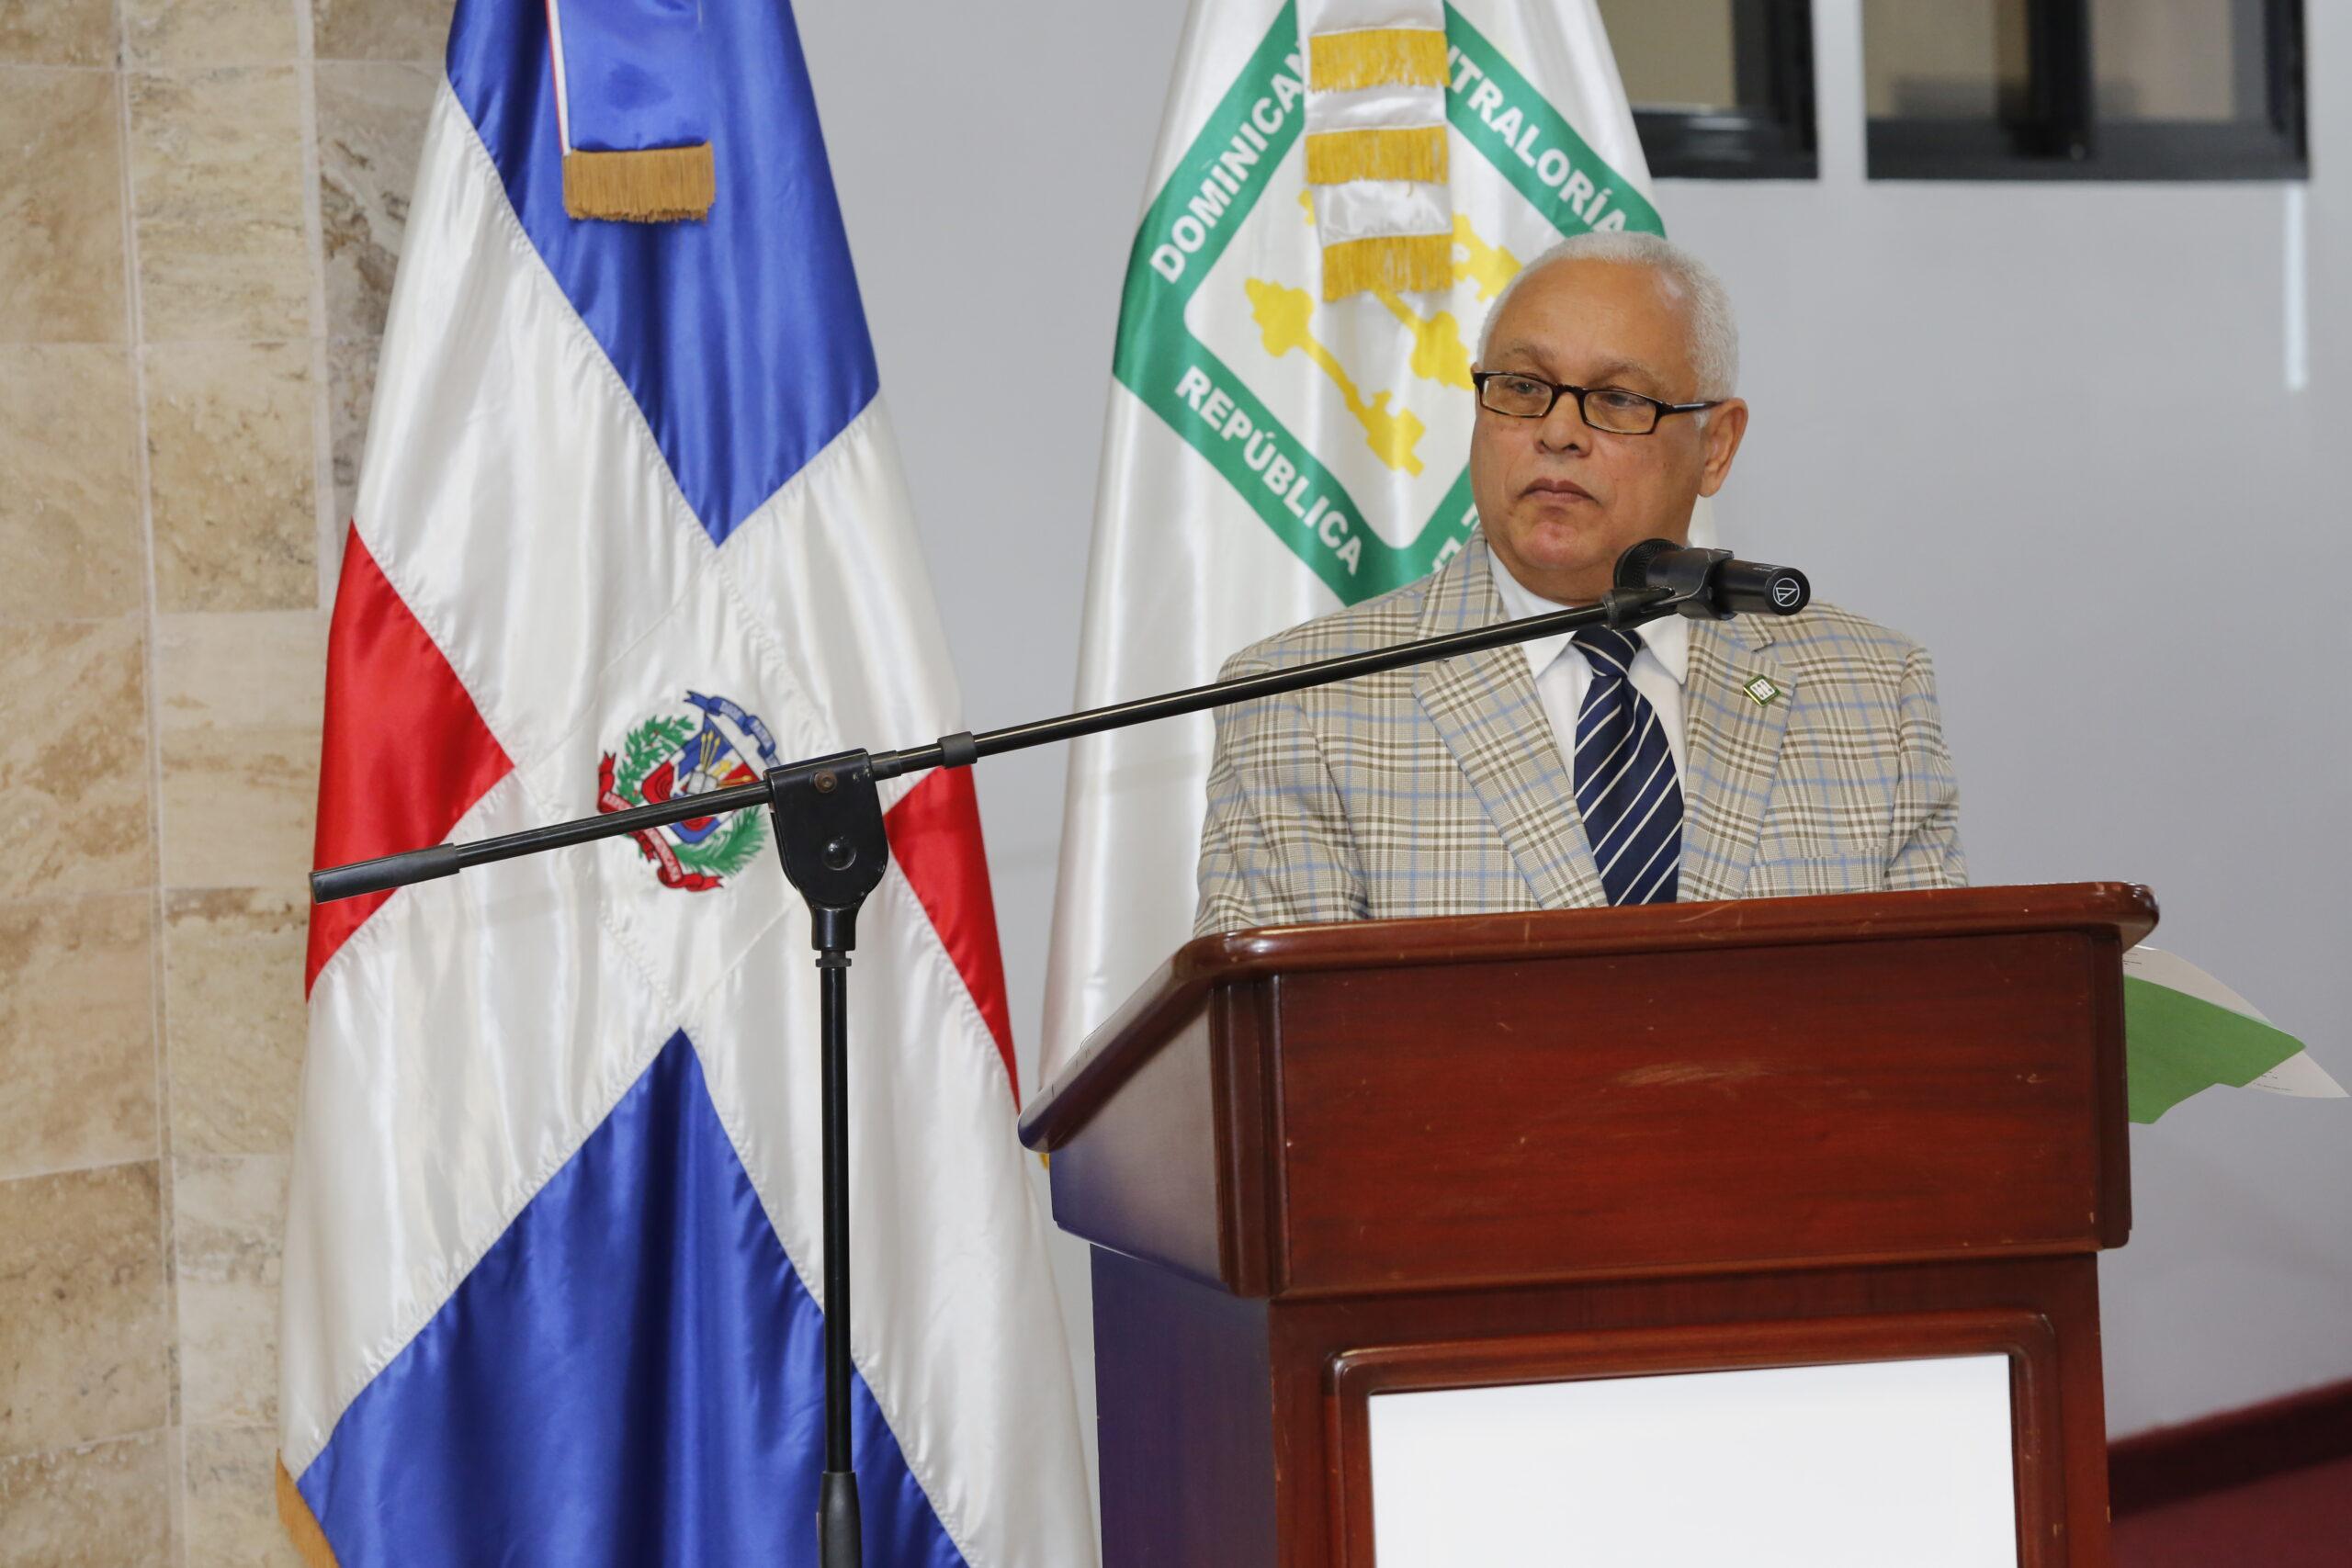 Contralor anuncia transformación de unidades de auditoria interna; reitera iniciaron auditorías en diversas instituciones